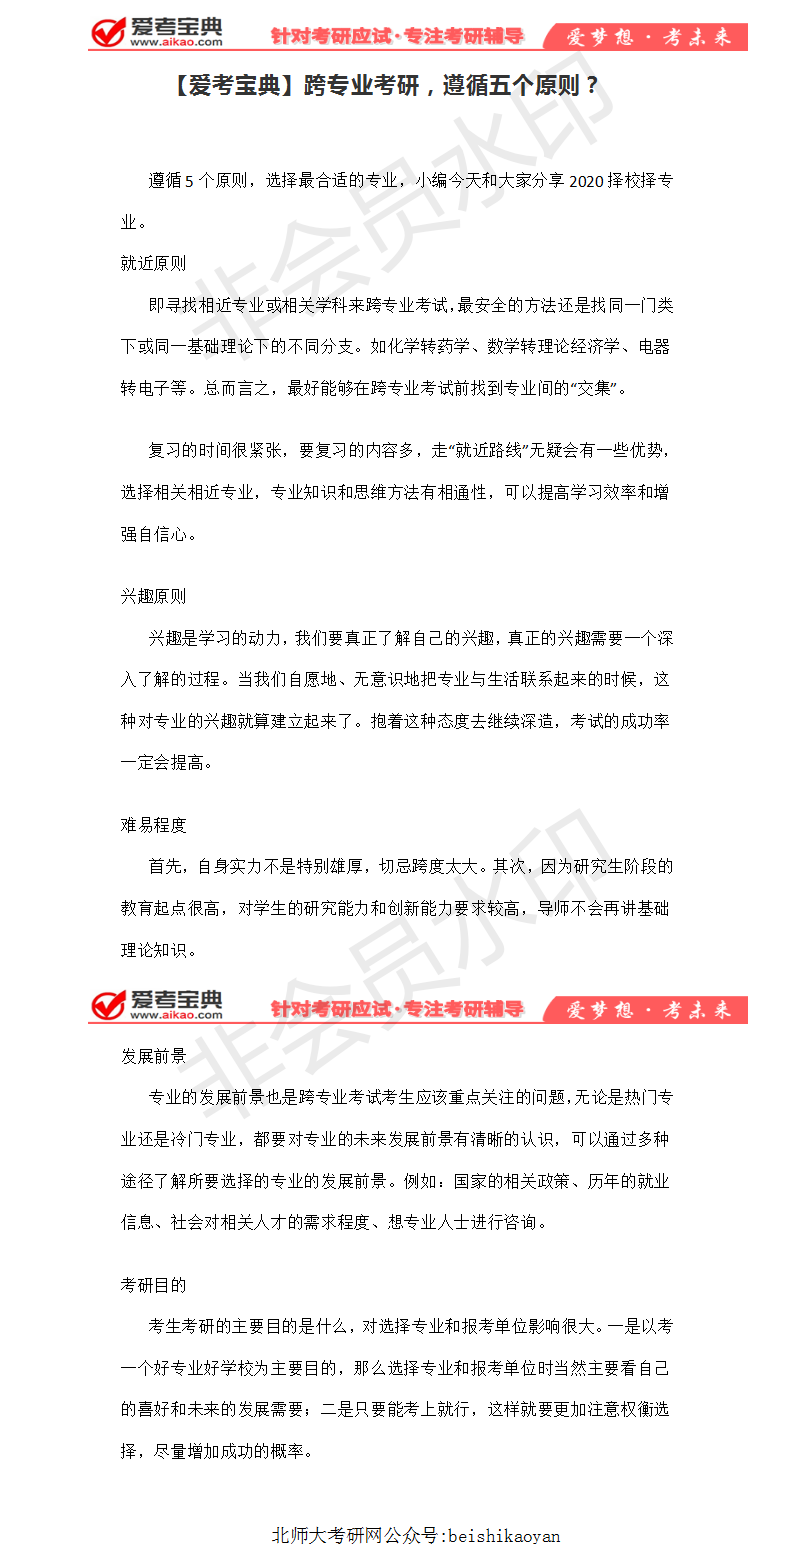 【爱考宝典】跨专业考研,遵循五个原则?-雪花新闻